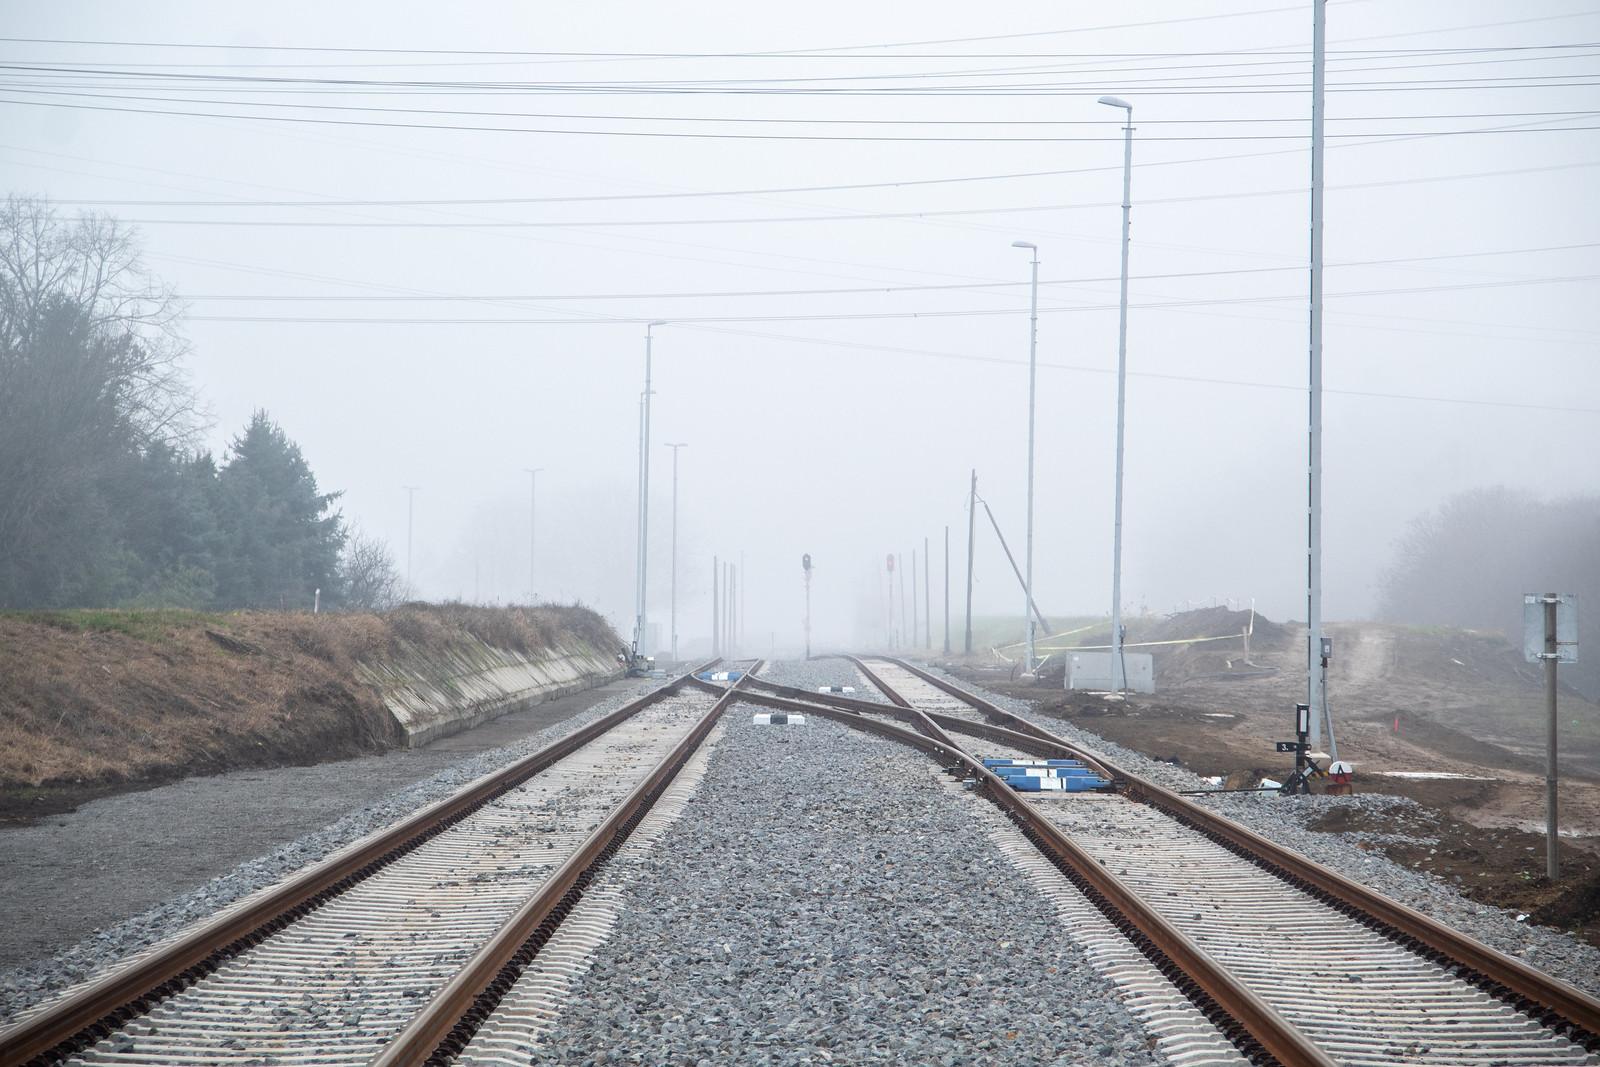 37 perc helyett 37 perc lett a menetidő a felújított vonalon Szeged és Hódmezővásárhely között